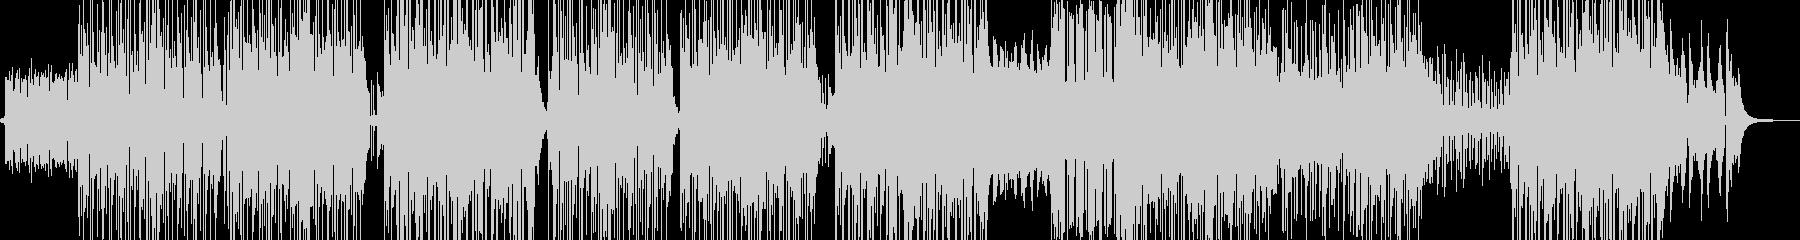 和装・渋い和楽器・ヒップホップ 長尺の未再生の波形